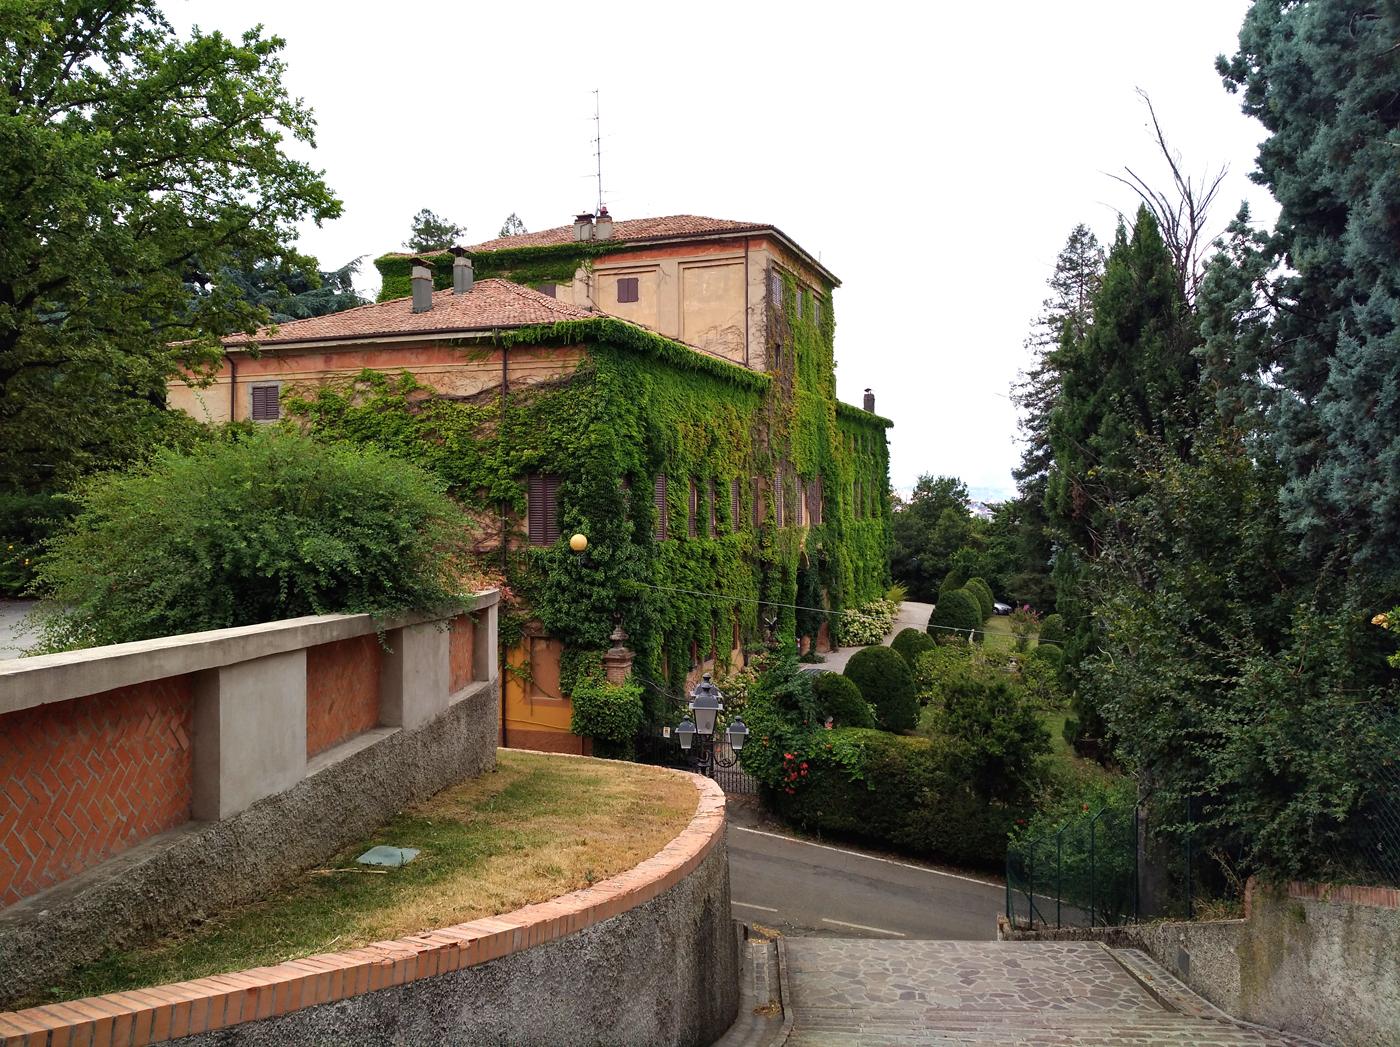 Villa Coccapani, da dove nella notte tra l'8 e il 9 settembre i soldati italiani cercano di scappare per sfuggire alla cattura dei tedeschi. Vista dal Santuario di Fiorano